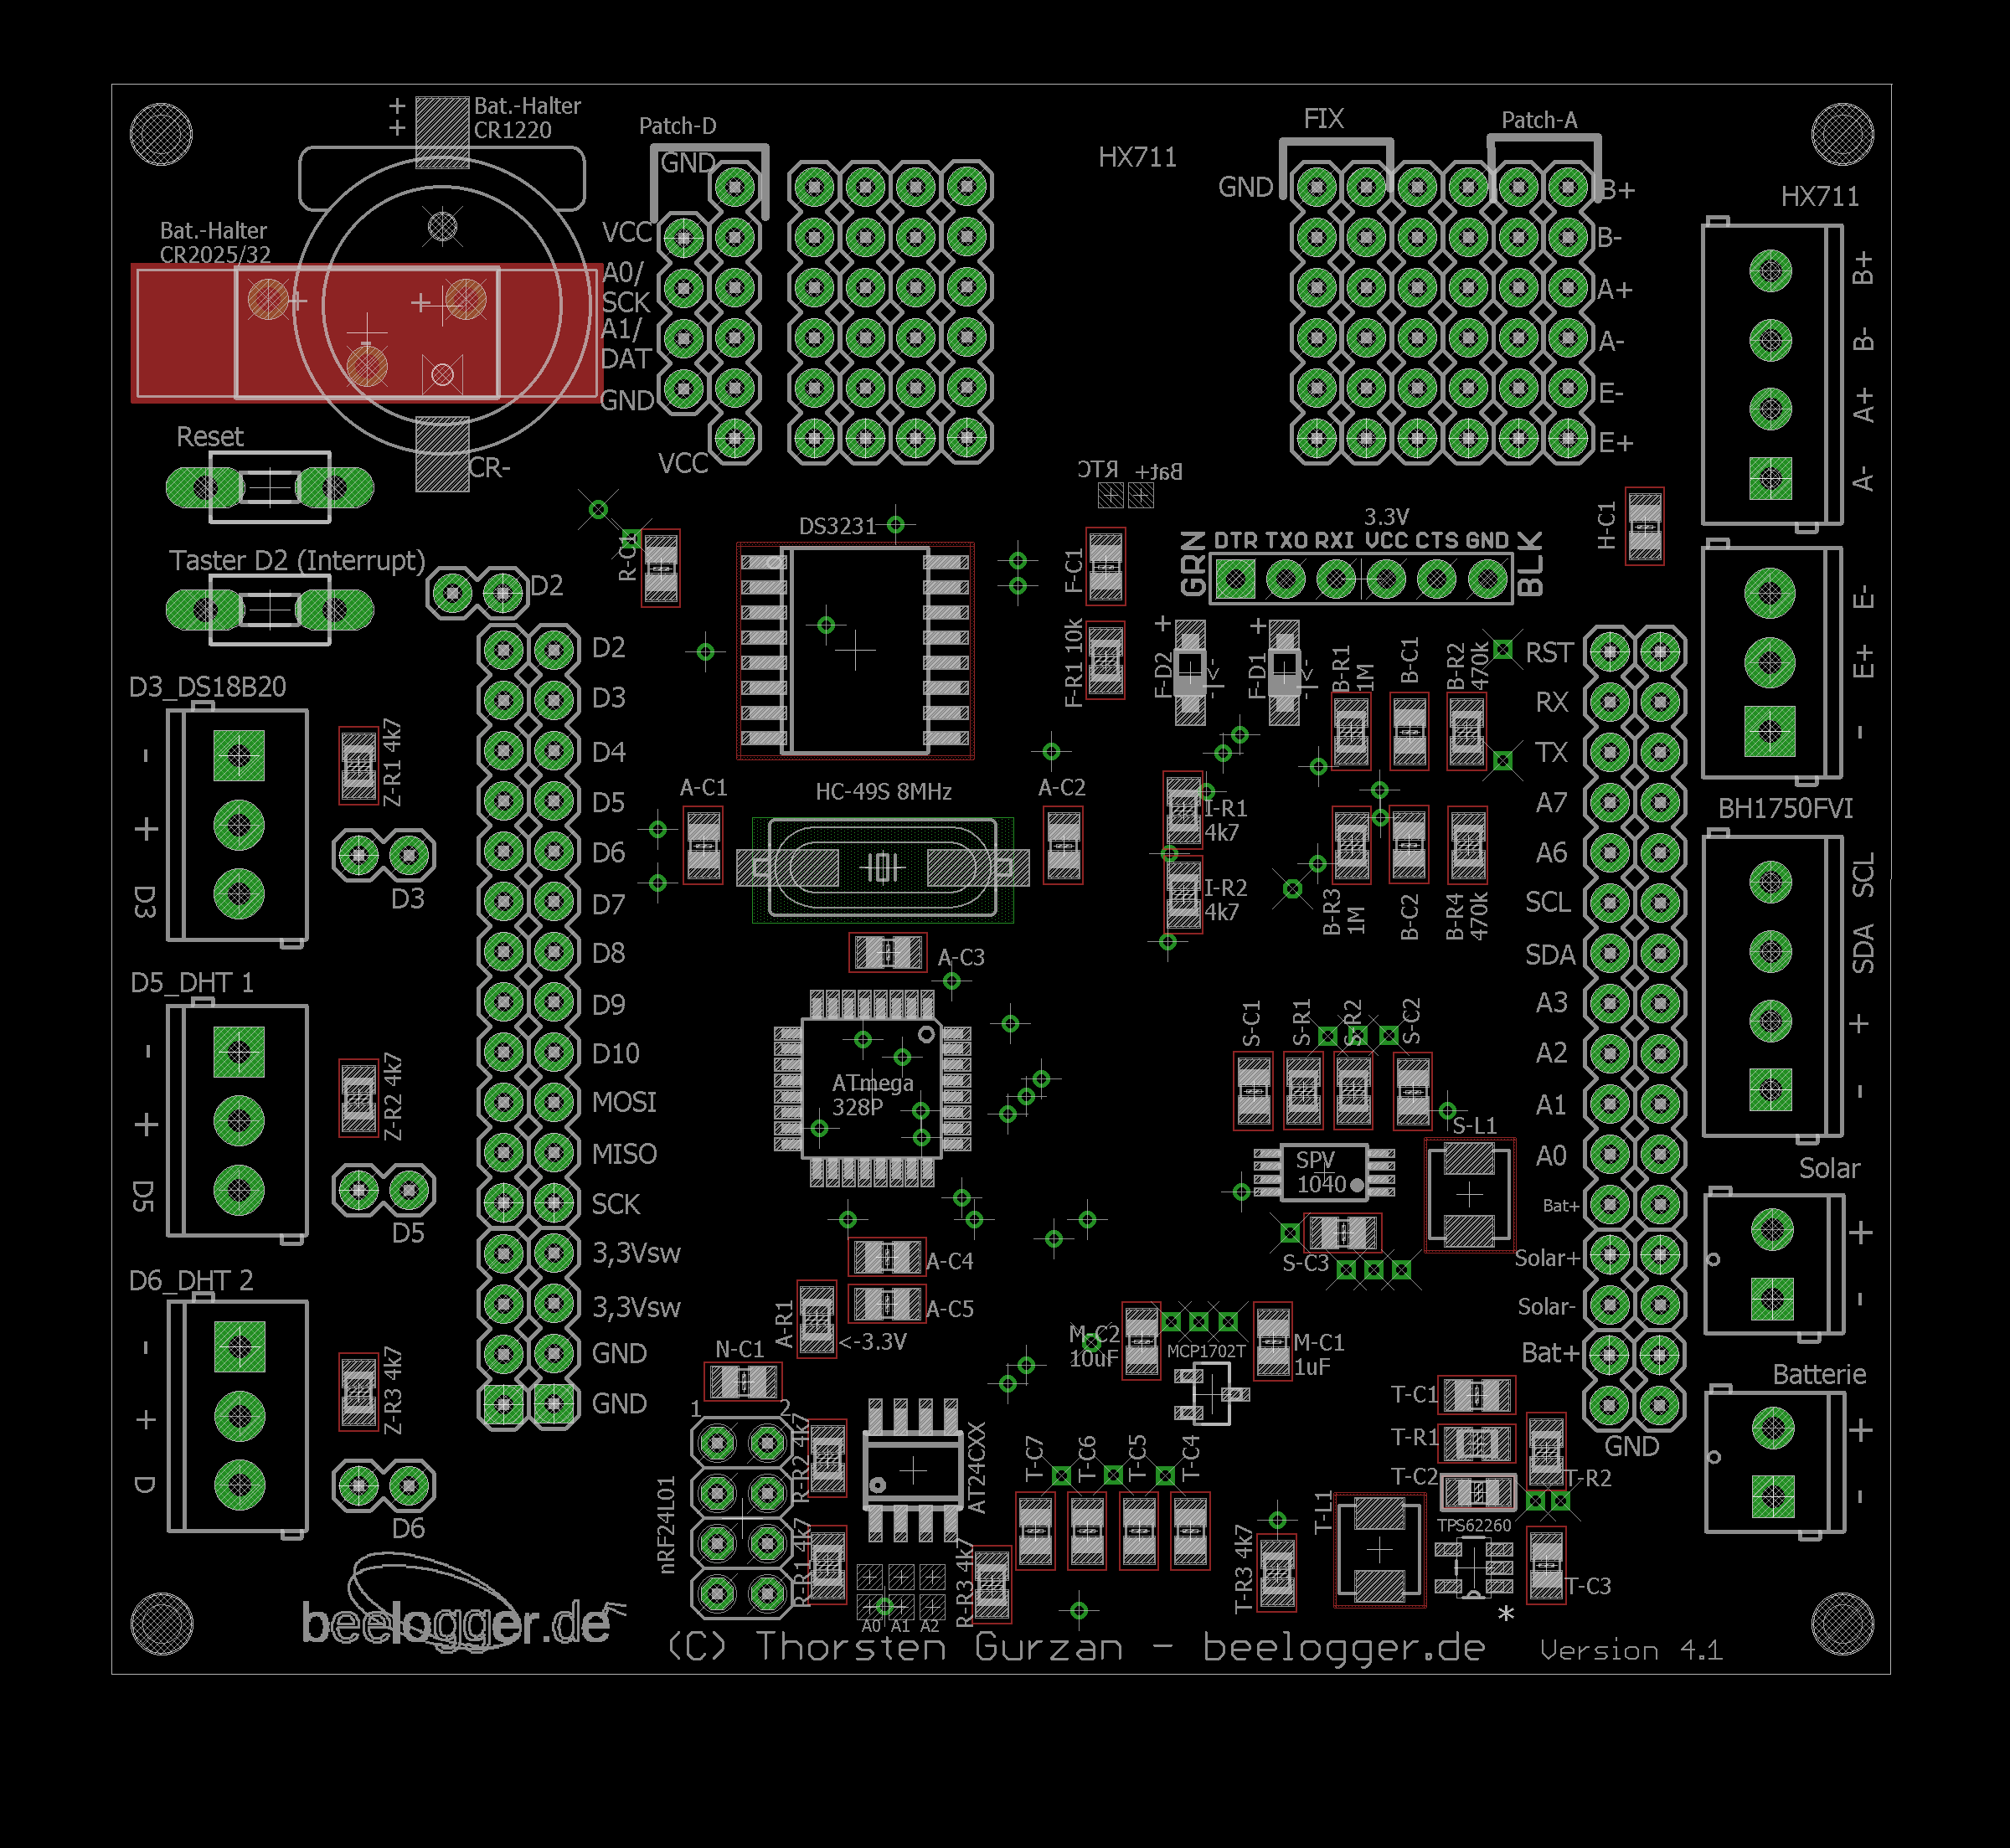 beelogger-Solar V 4.1